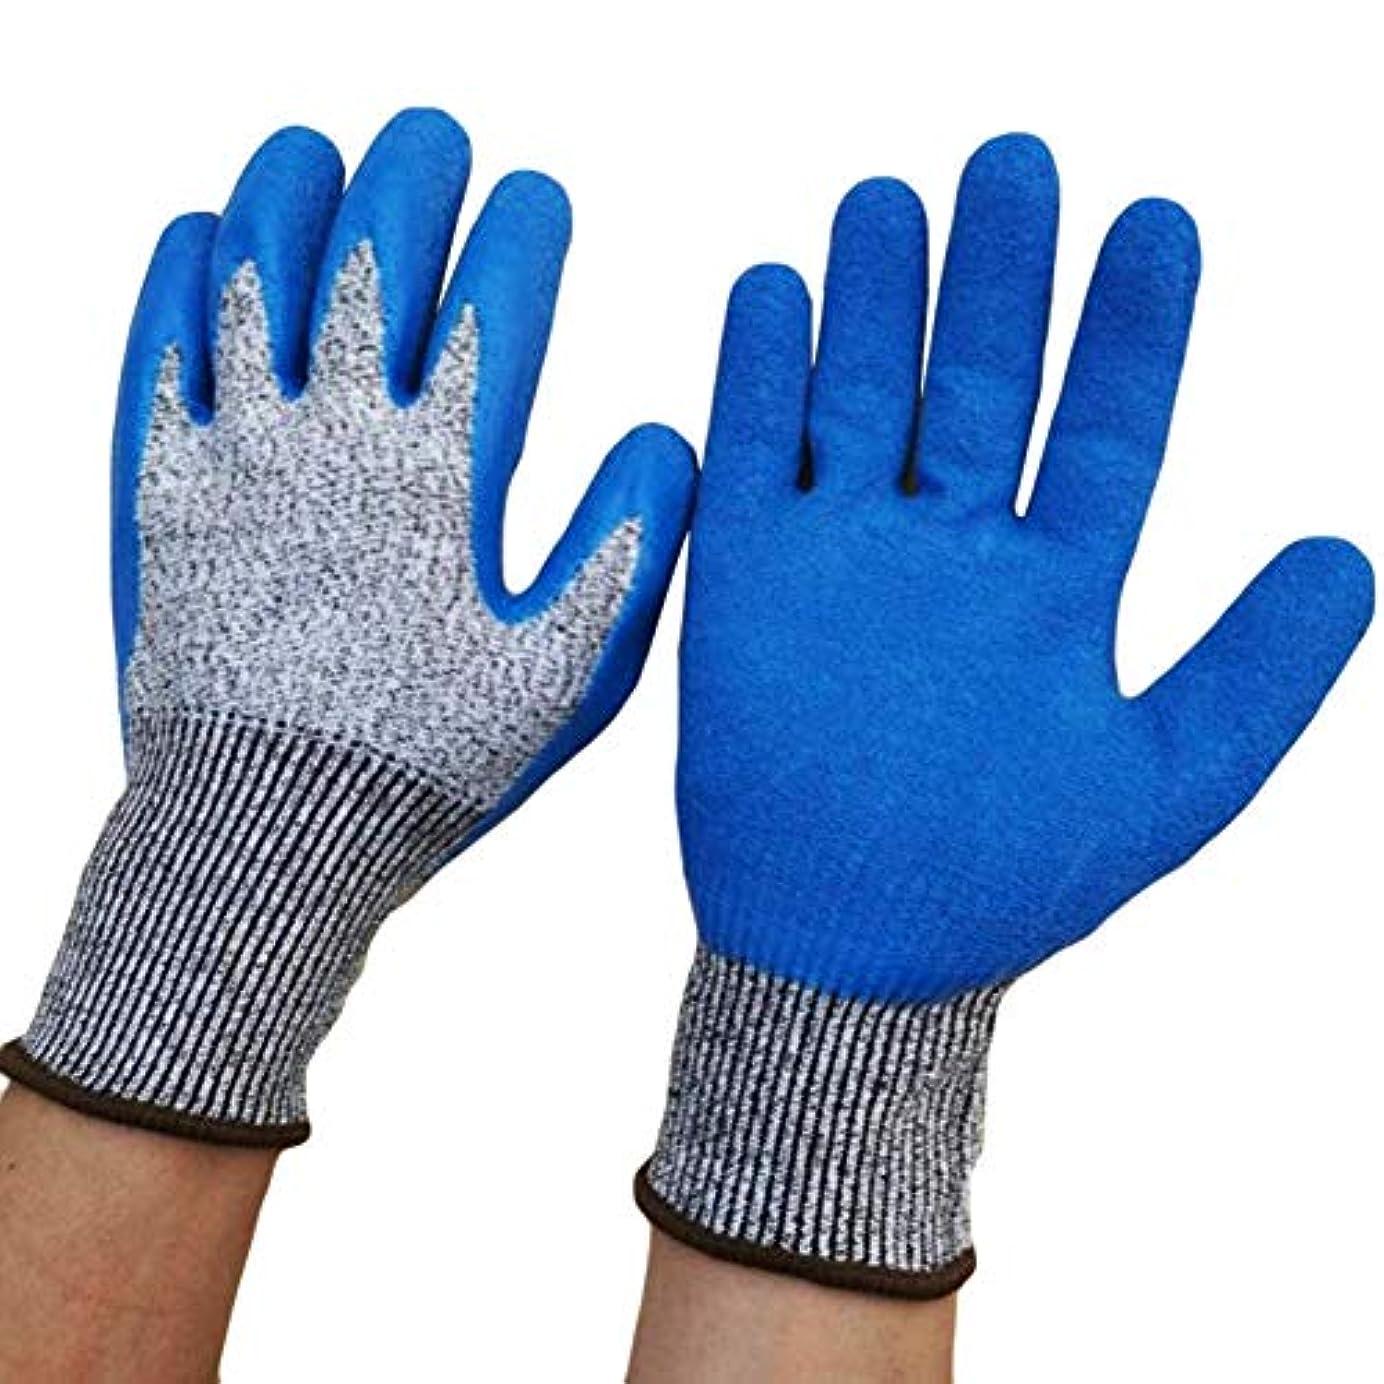 華氏引退したのためカット耐性手袋-食品グレード、登り防止カット手袋安全カット証明、耐刺傷性レベル5保護作業、キッチン肉屋屋外探索カット耐性グローブ